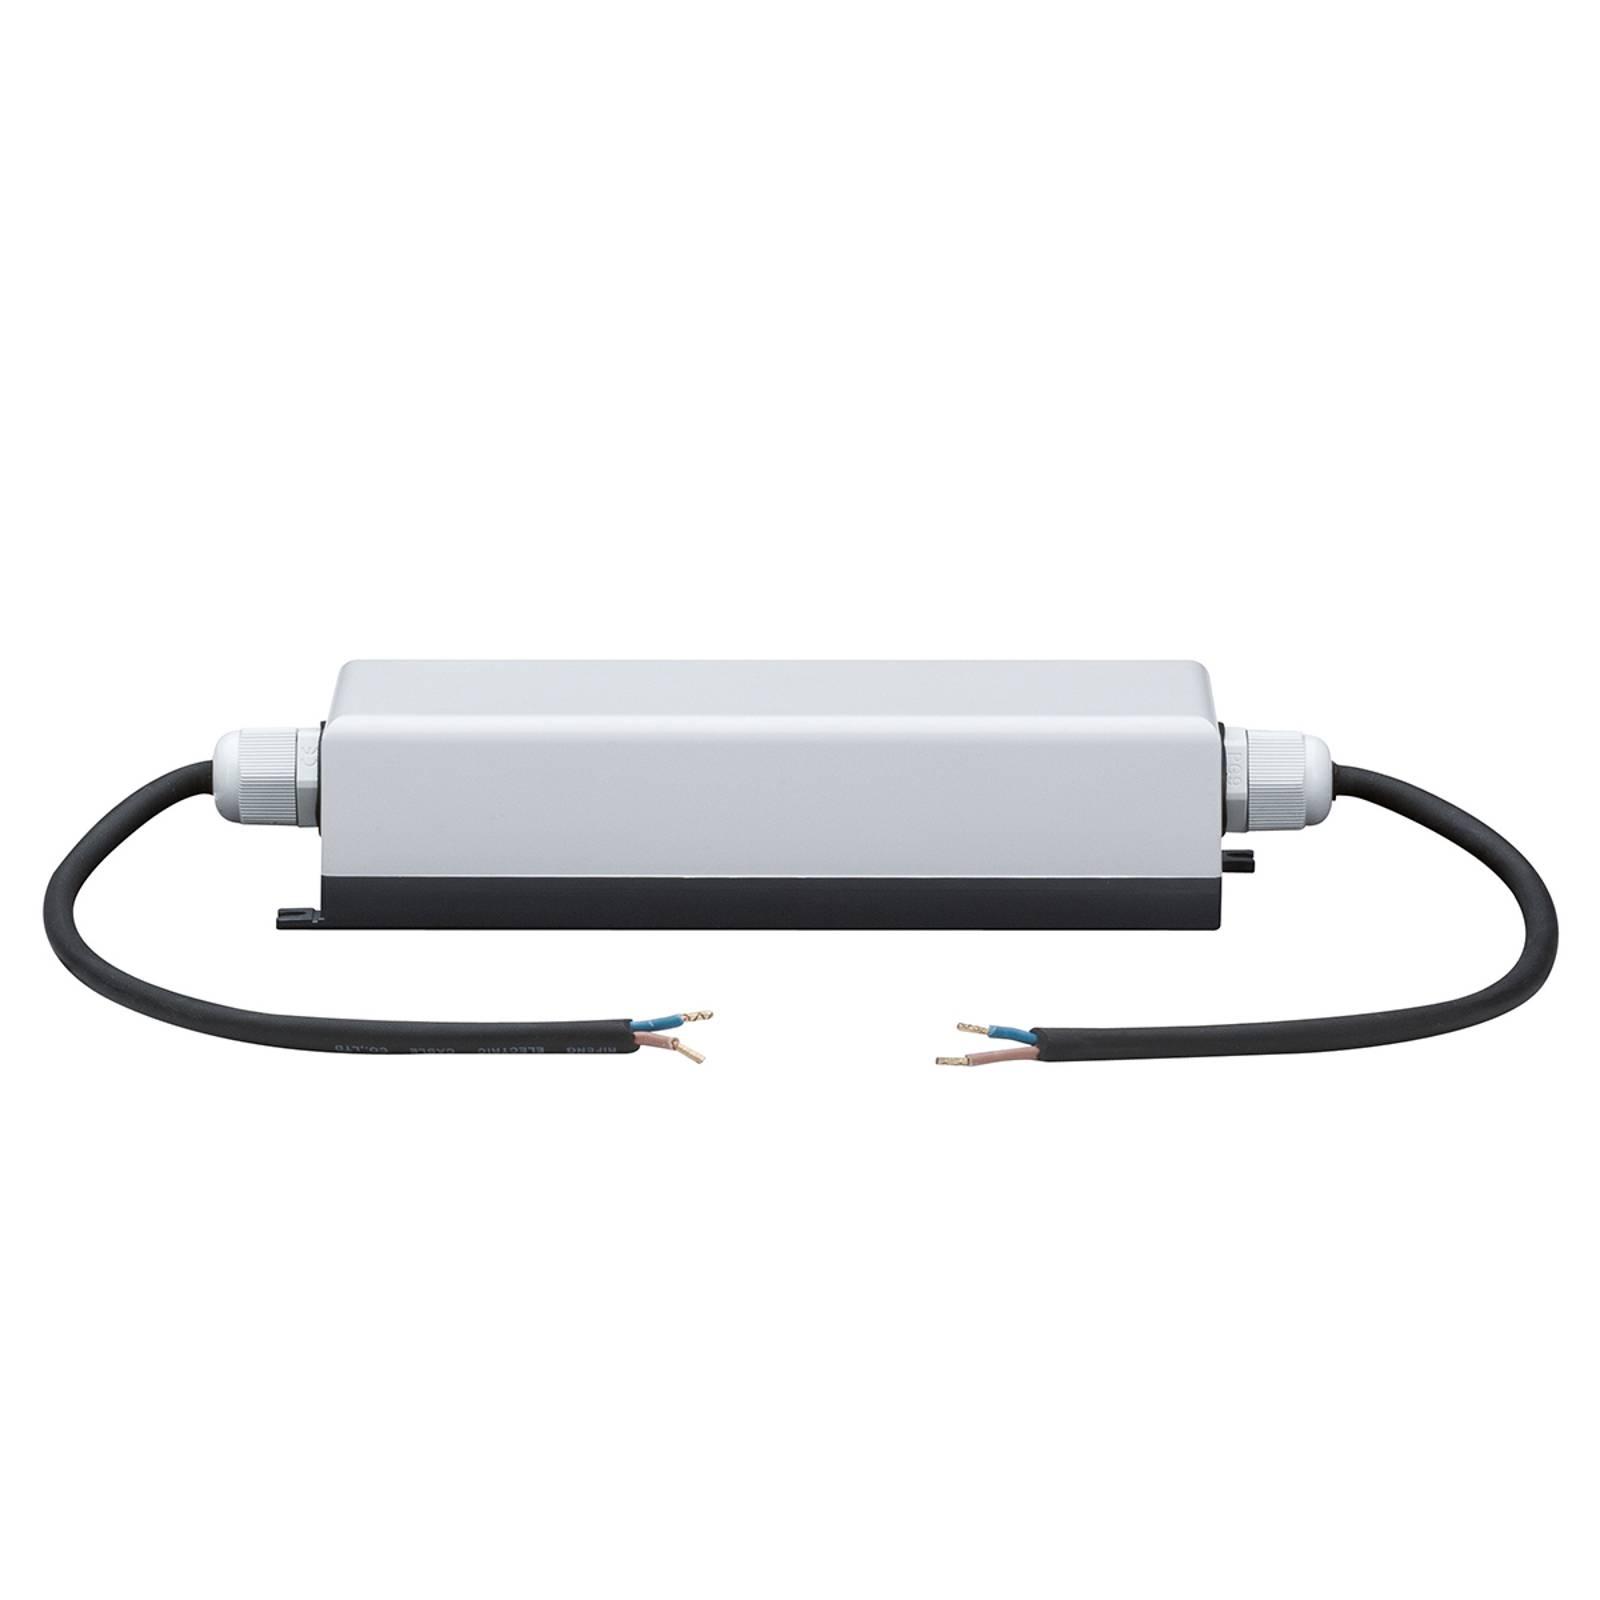 Virtamuuntaja 60 W YourLED-sarjan LED-nauhoille